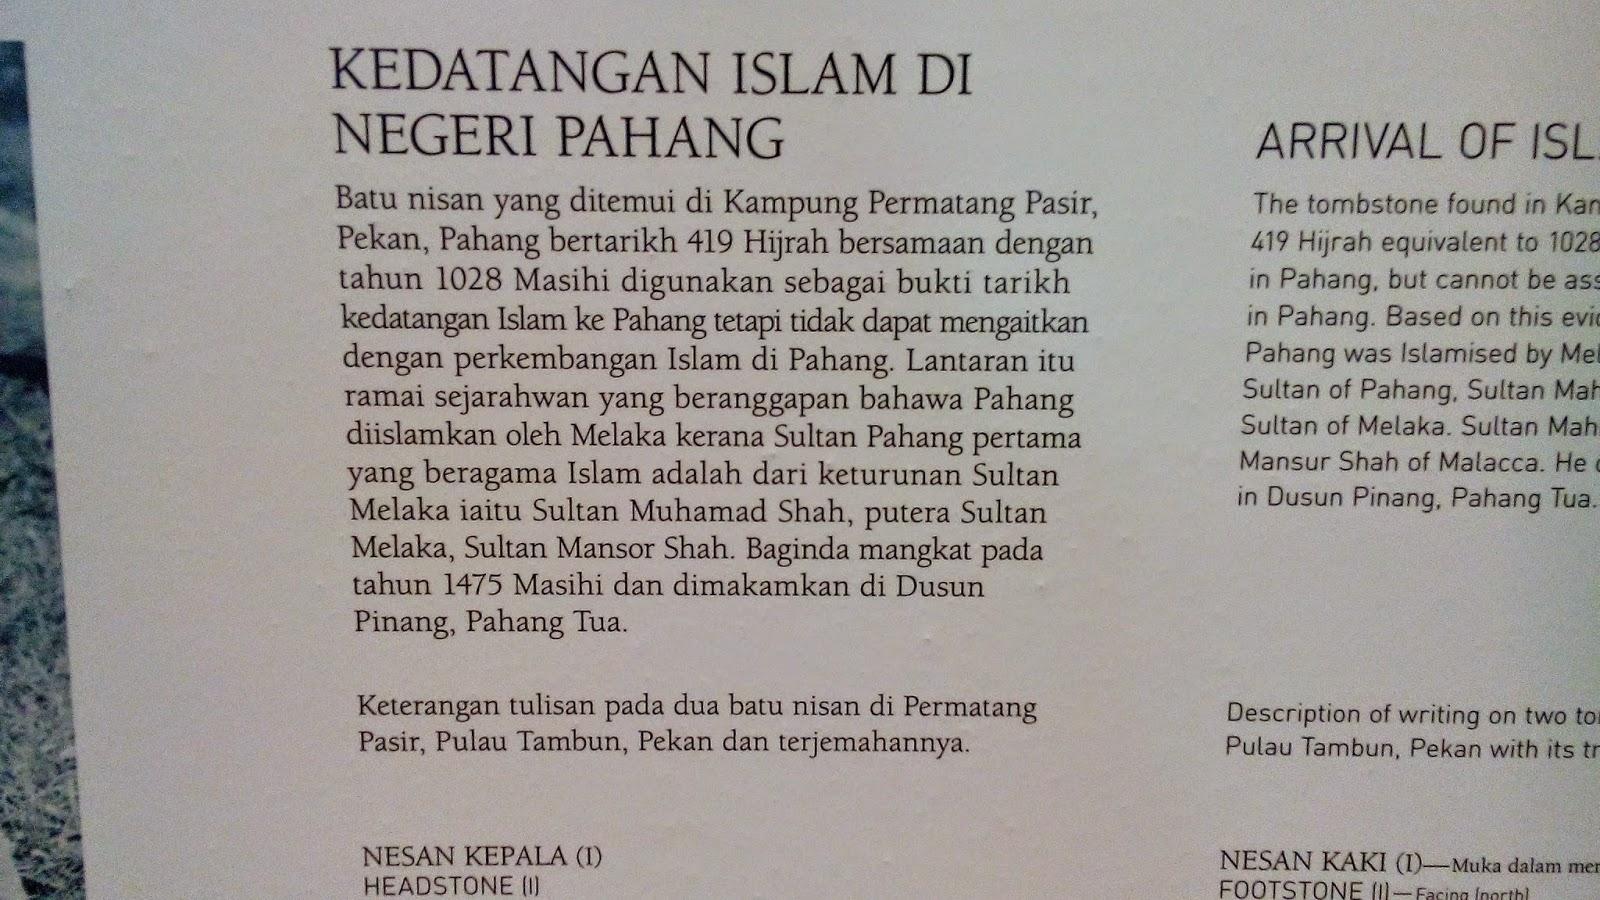 kedatangan islam